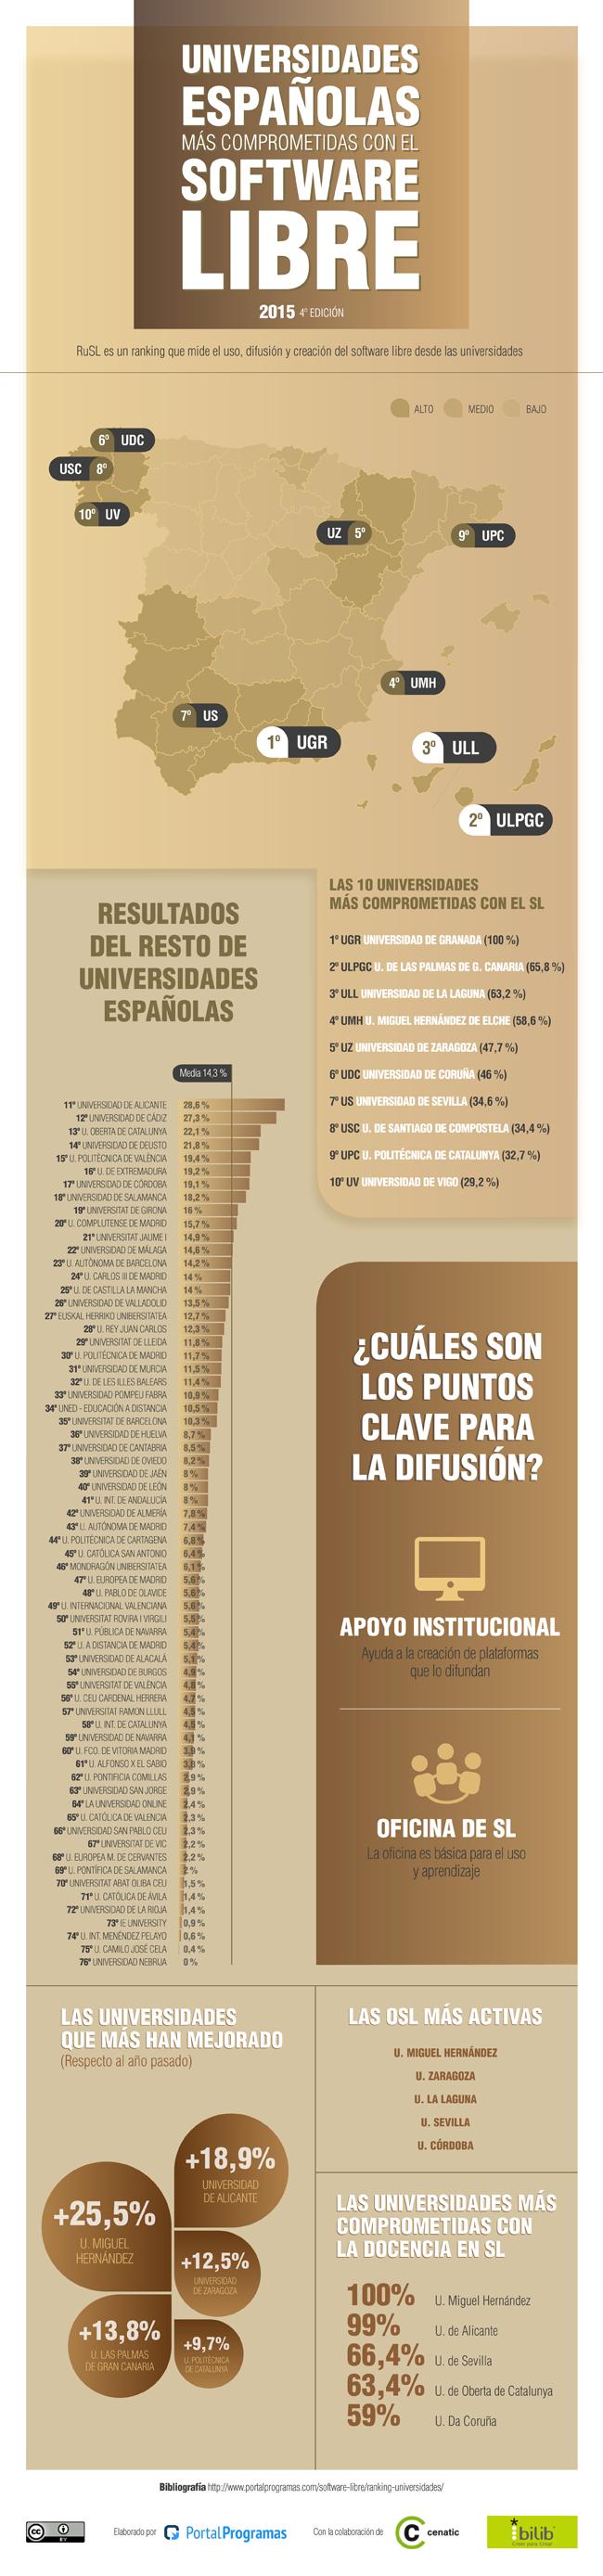 Mejores Universidades Espanolas Software Libre